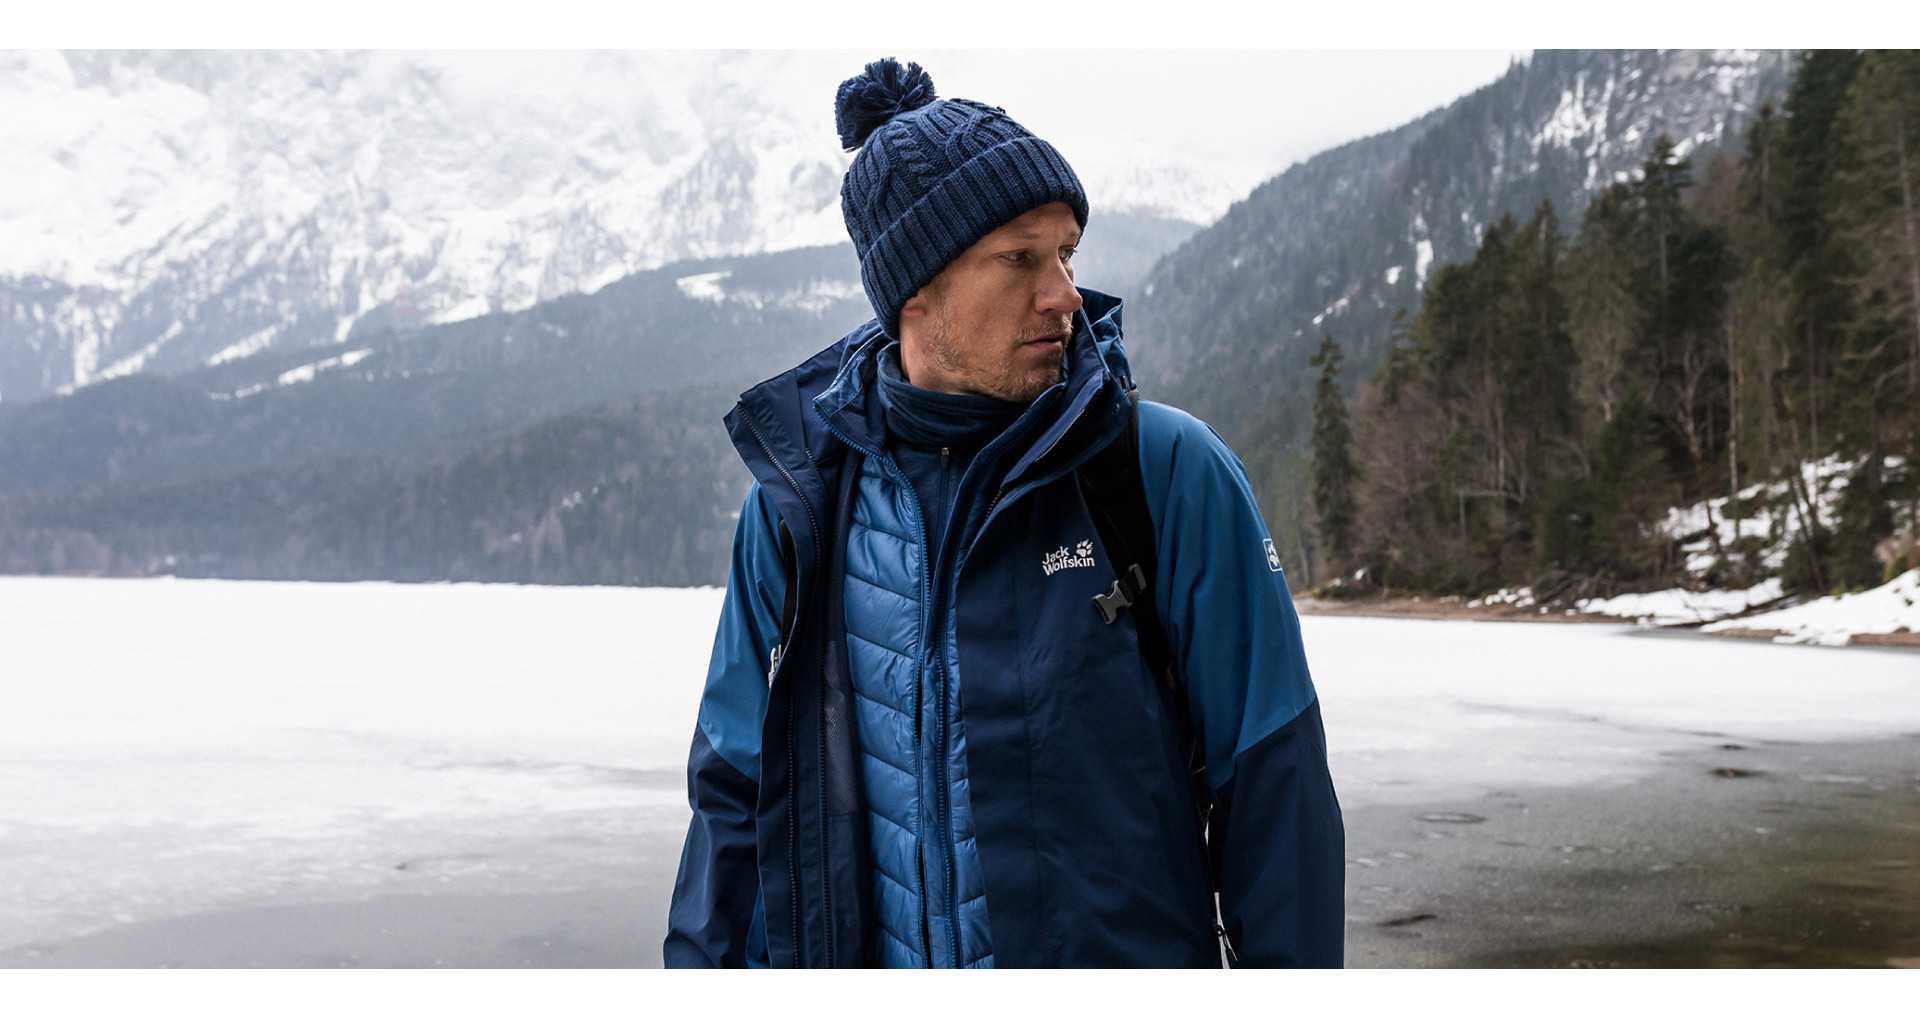 Žieminės vyriškos šiltos striukės | Jack Wolfskin striukės